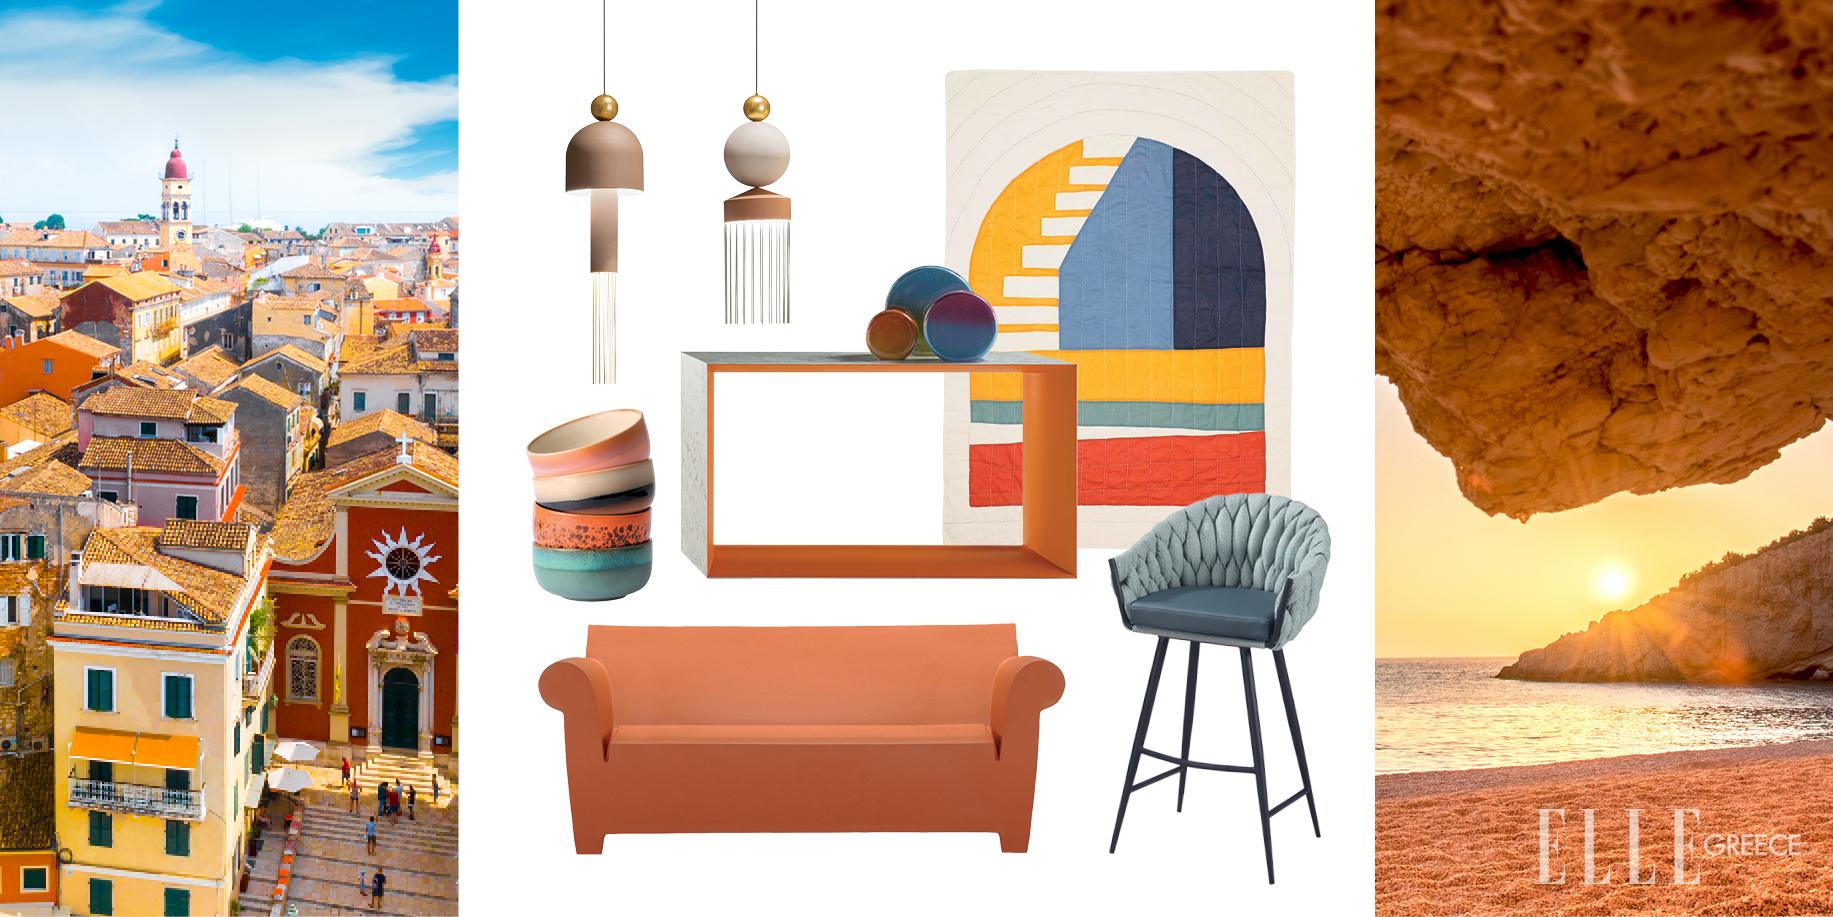 Τα υπέροχα χρώματα των Επτανήσων τρυπώνουν στο σπίτι σου (13 items διακόσμησης) Oι ώχρες και τα γήινα κίτρινα της Κέρκυρας, τα πορτοκαλί στα σπίτια της Κεφαλλονιάς, το κόκκινο των παραθύρων στο Κιόνι της Ιθάκης, τα γαλάζια σοκάκια της Λευκάδας μάς εμπνέουν και φέρνουν τον αέρα του Ιονίου όπου και αν είμαστε.